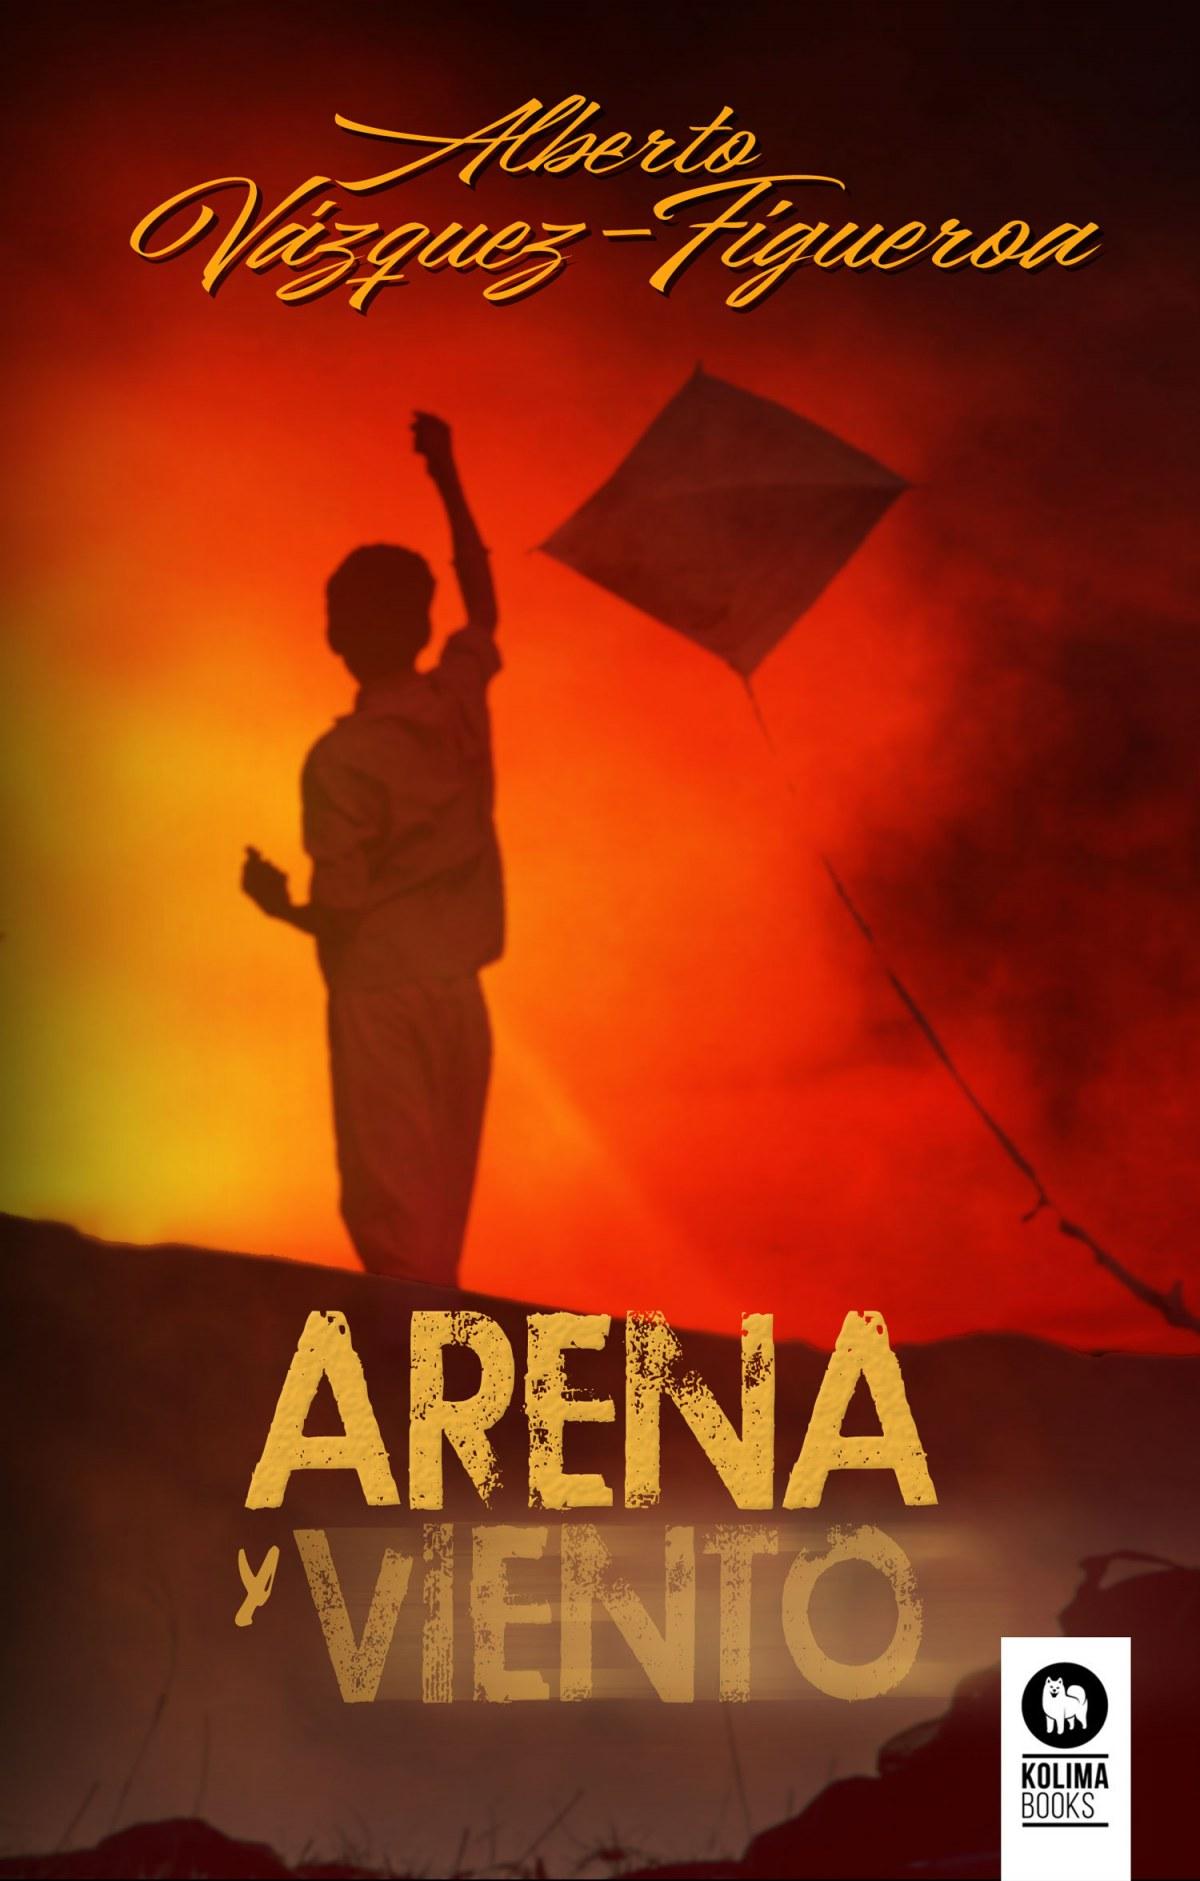 Arena y viento